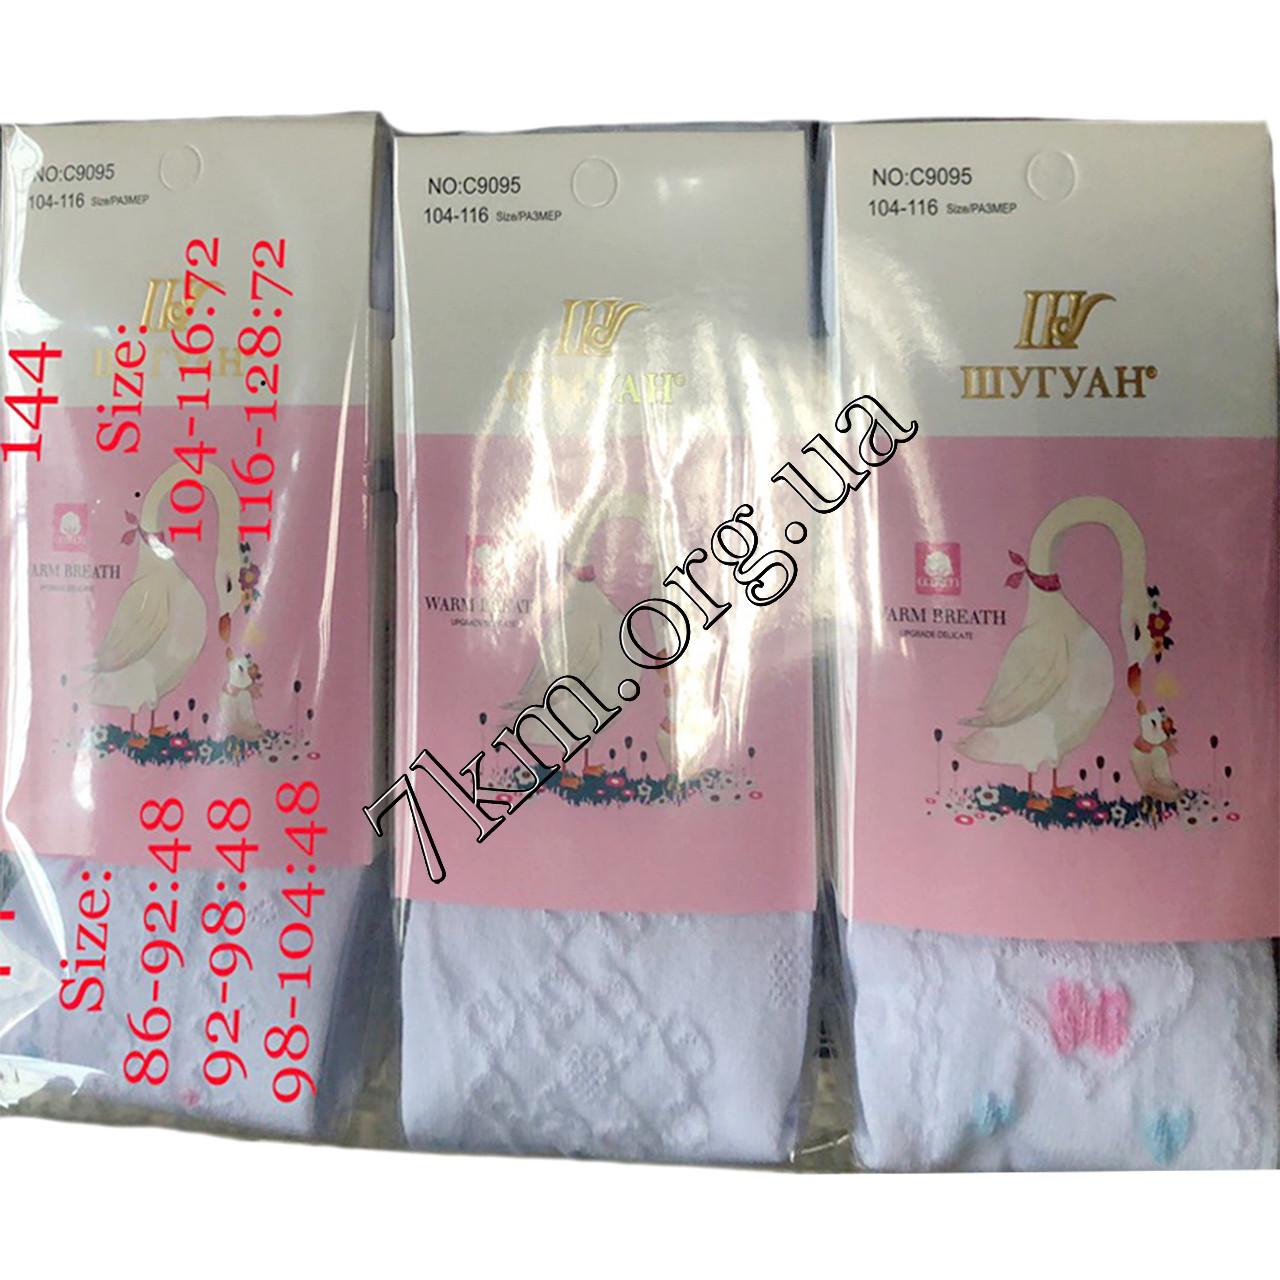 Колготки дитячі оптом для дівчаток Шугуан з перфорацією 86-92 див. Китай C9095